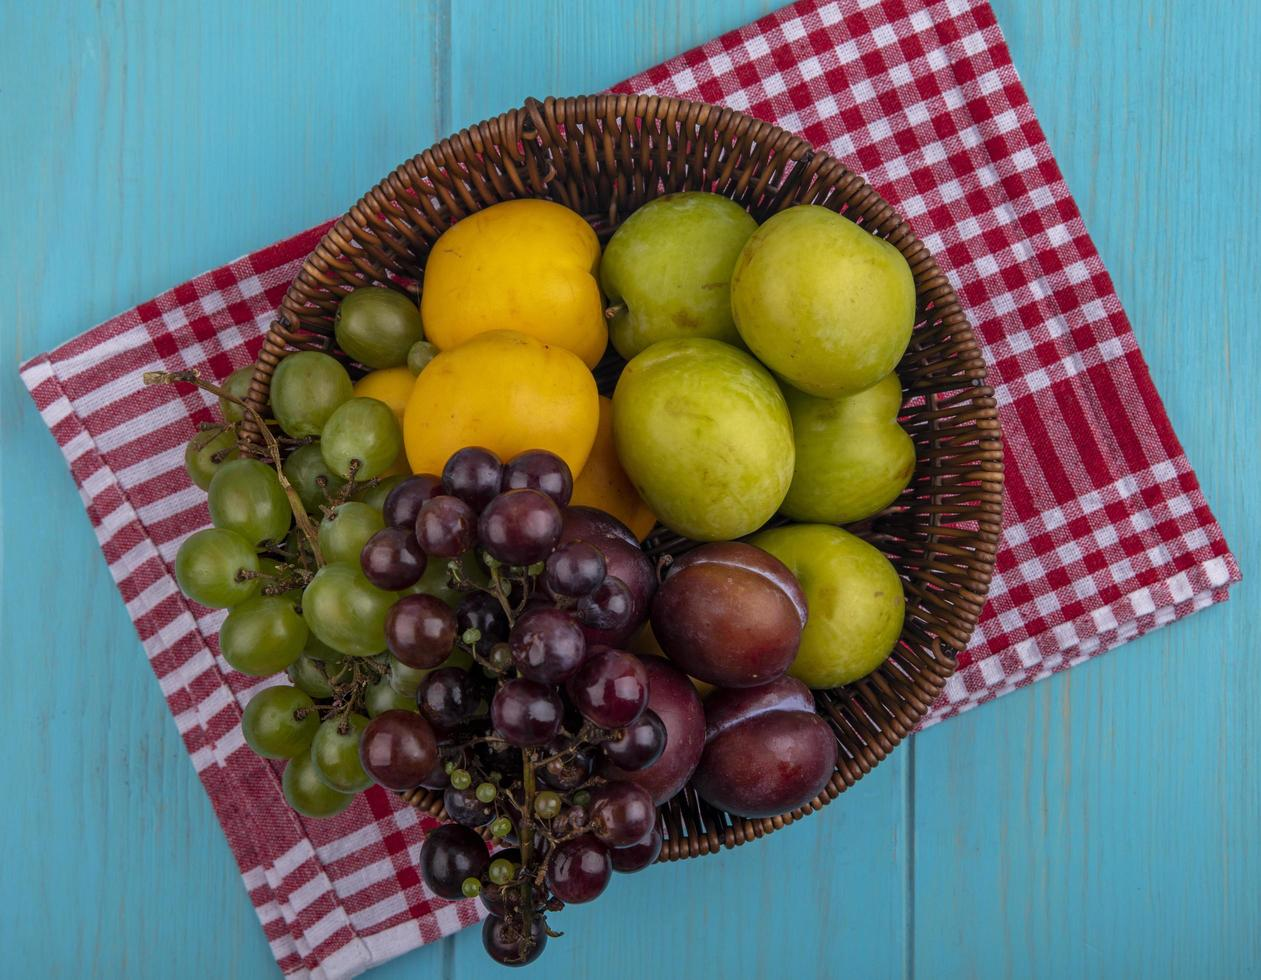 frutta assortita su panno plaid e sfondo blu foto